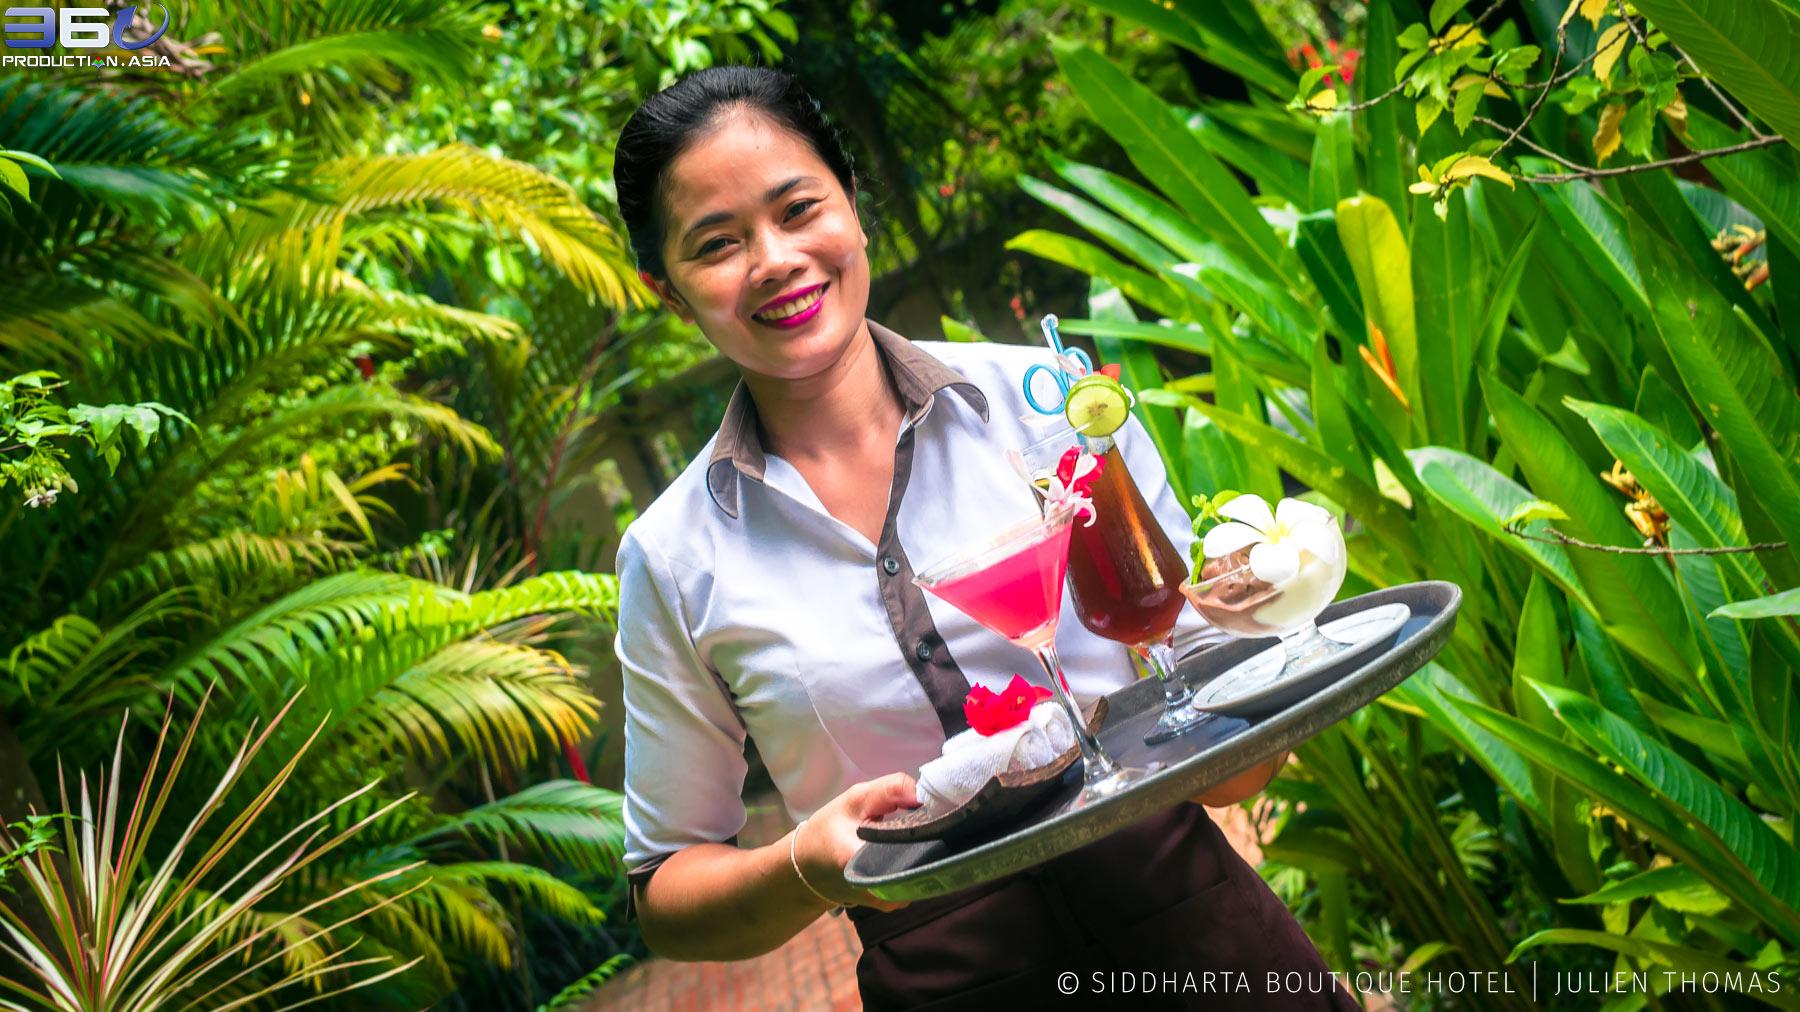 in Siddharta Boutique Hotel, Siem Reap - Cambodia.